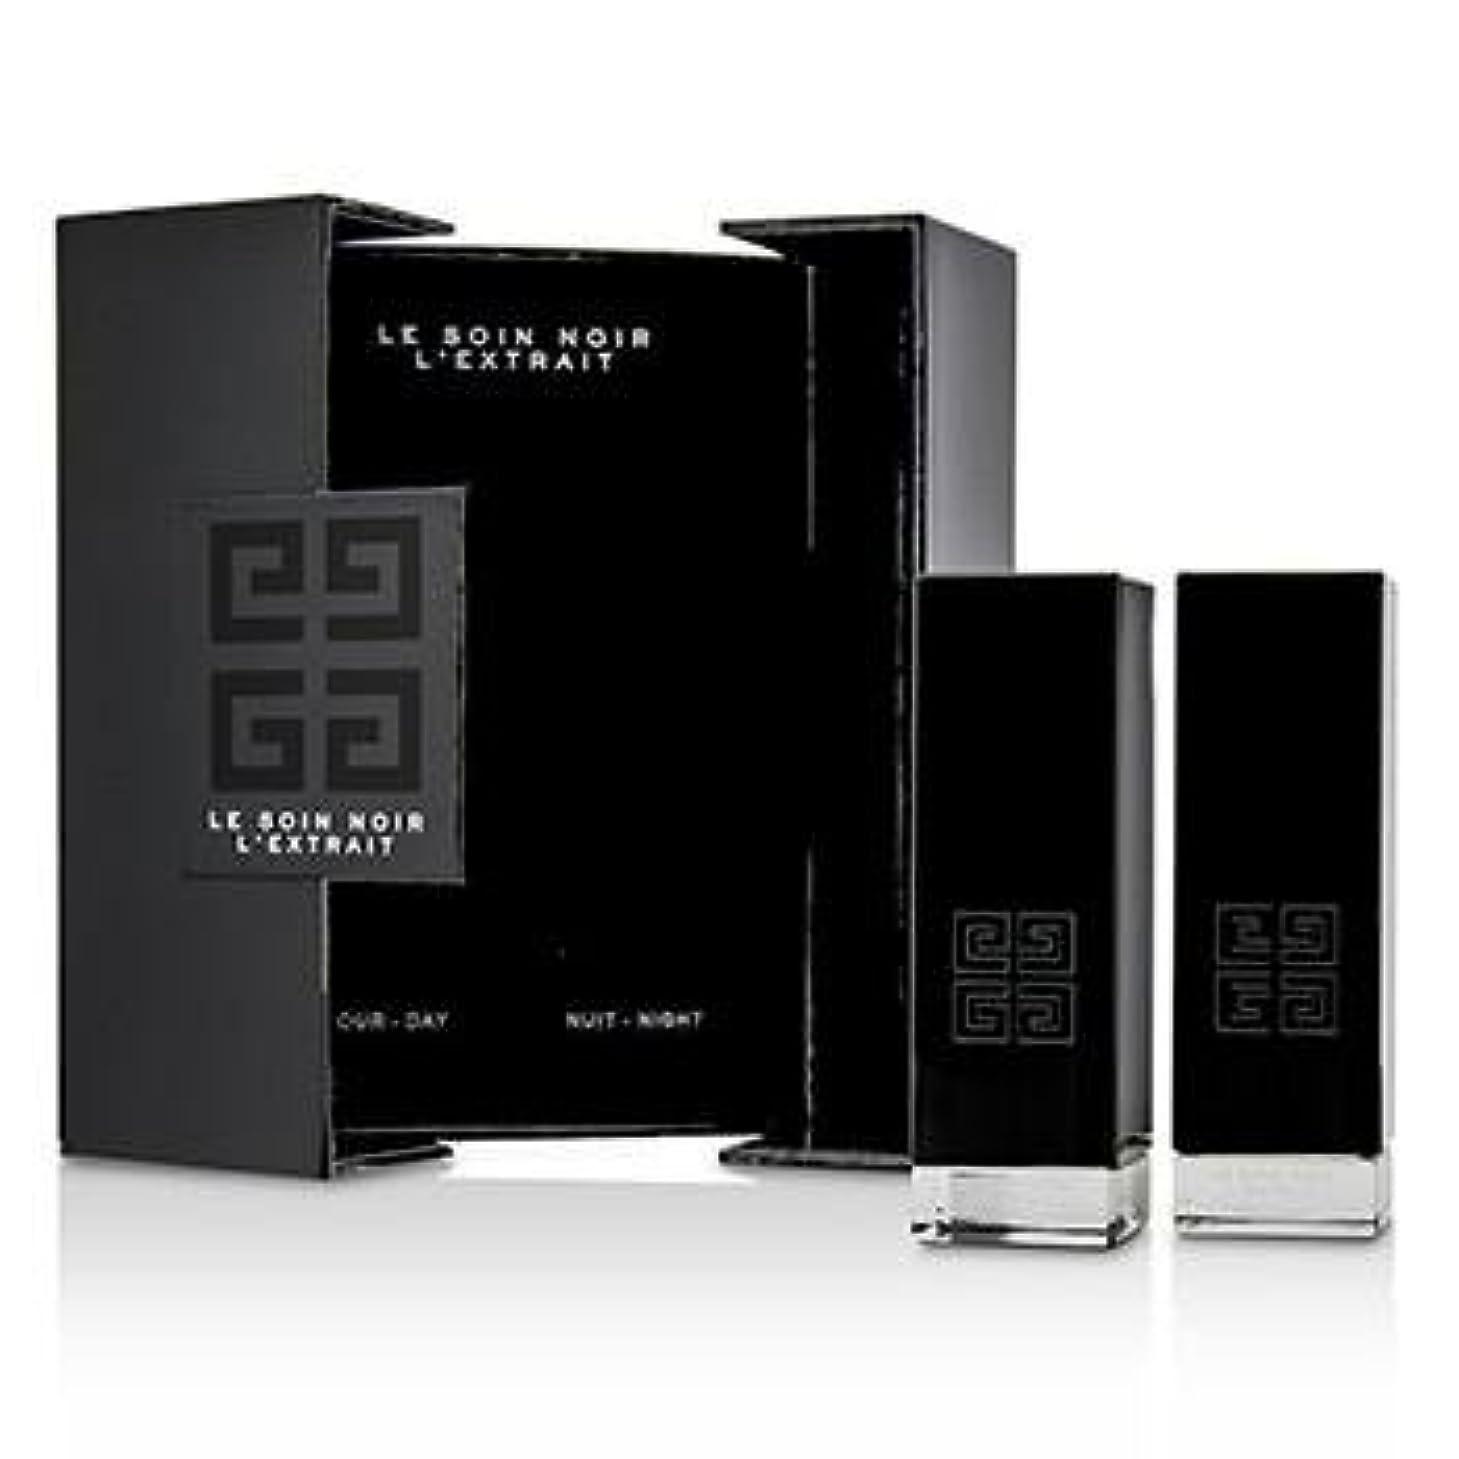 起きるエリート甲虫ジバンシィ Le Soin Noir L'Extrait: L'Extrait Day Serum 15ml/0.5oz + L'Extrait Night Serum 15ml/0.5oz 2pcs並行輸入品